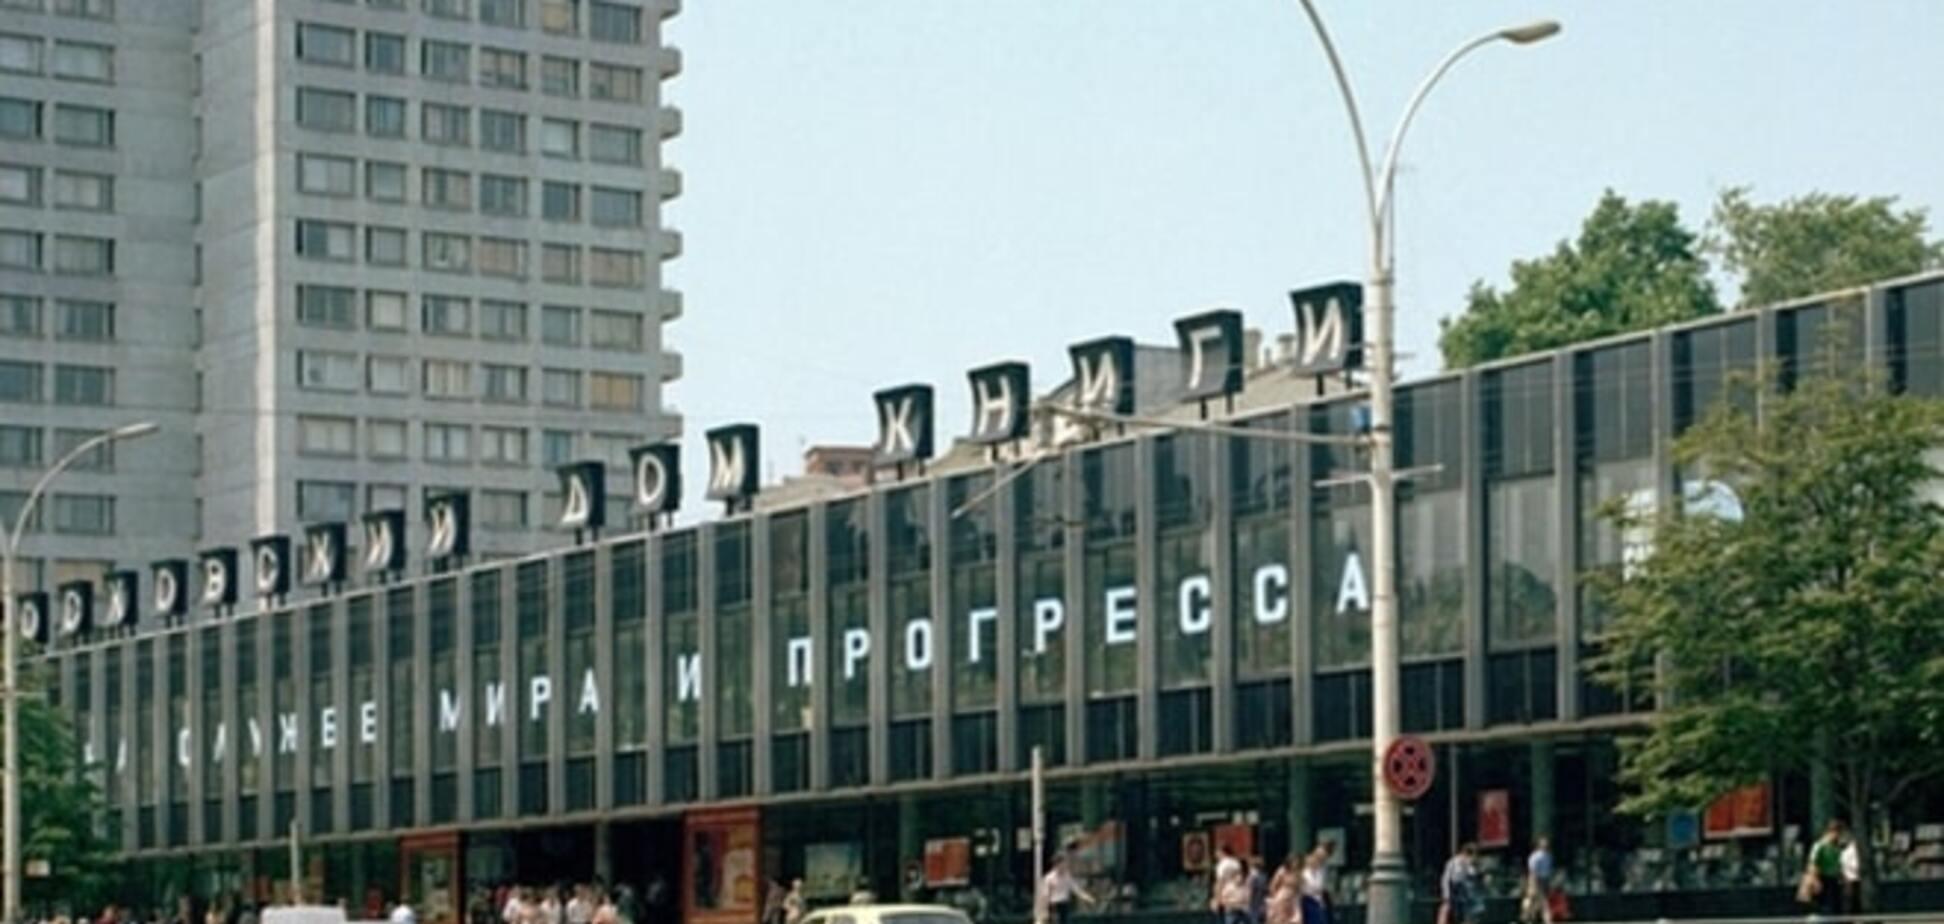 Страна непуганых идиотов: какие маразмы 'скармливает' россиянам пропаганда Кремля